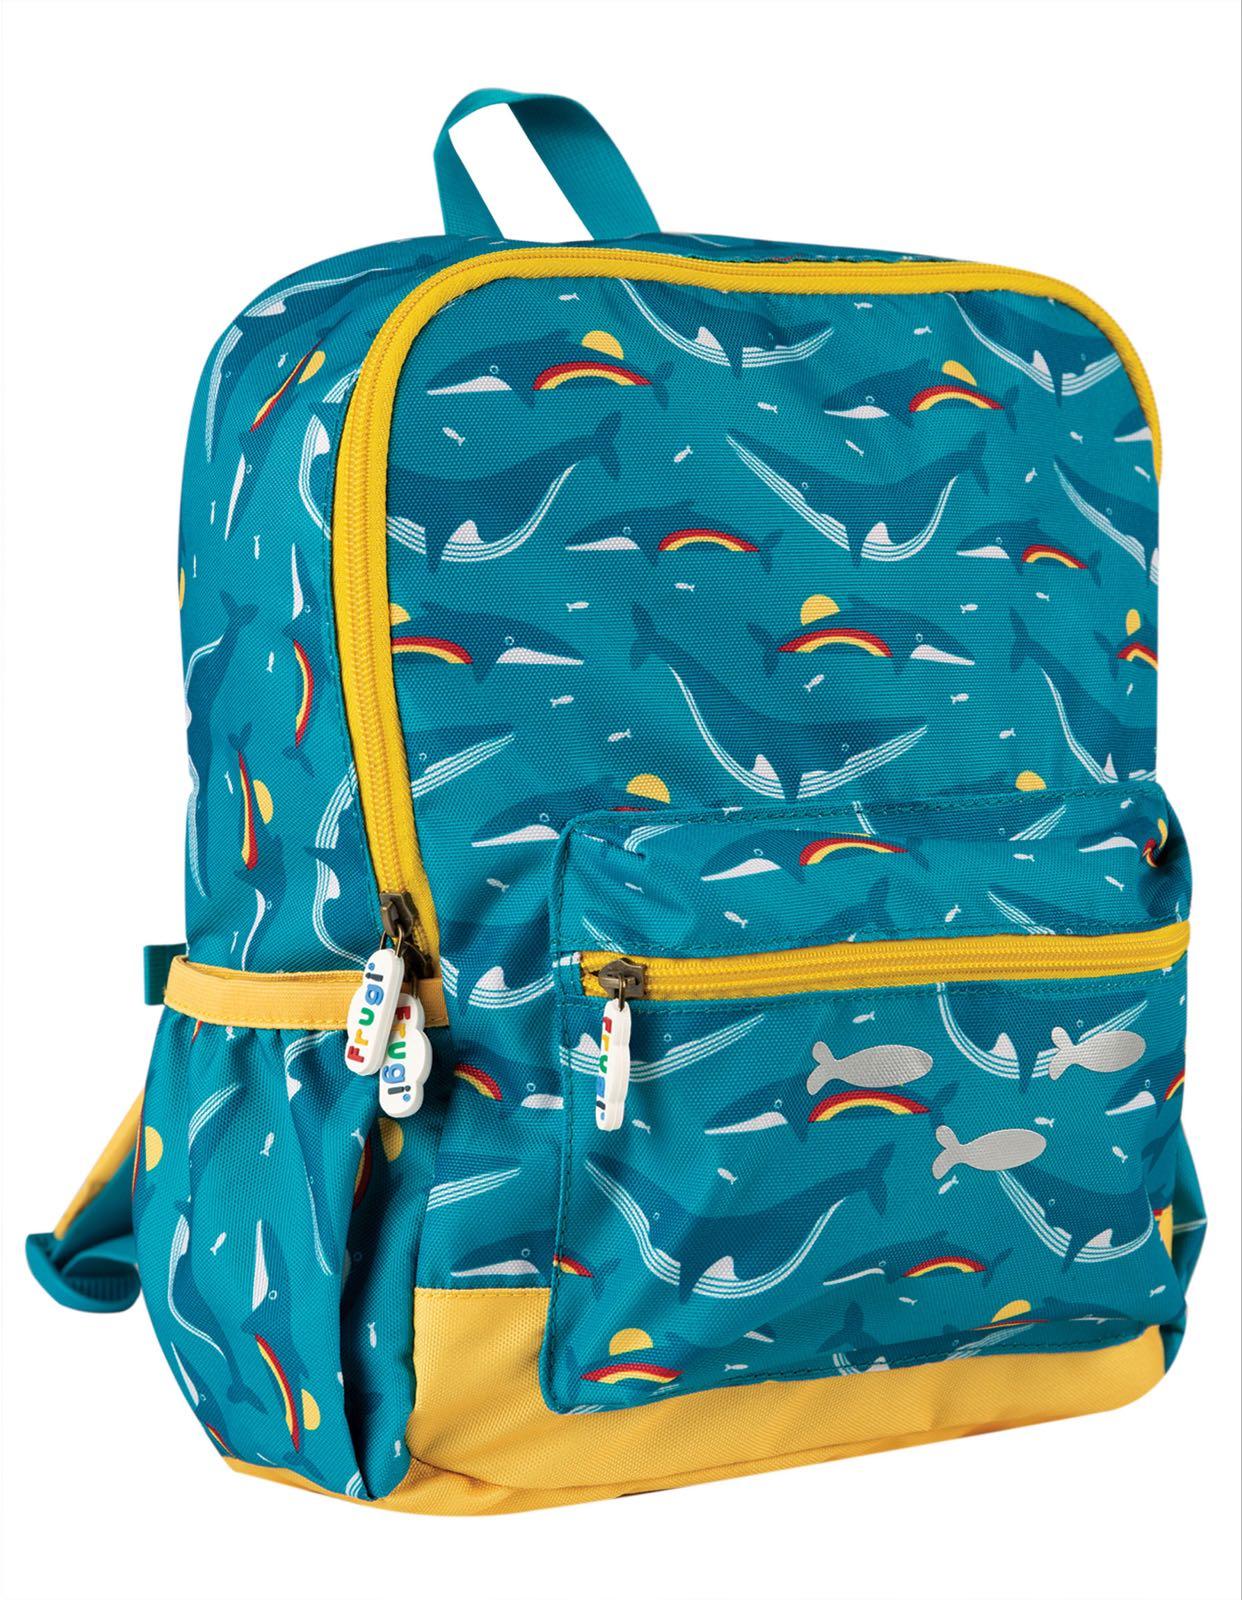 Frugi Adventure Backpack